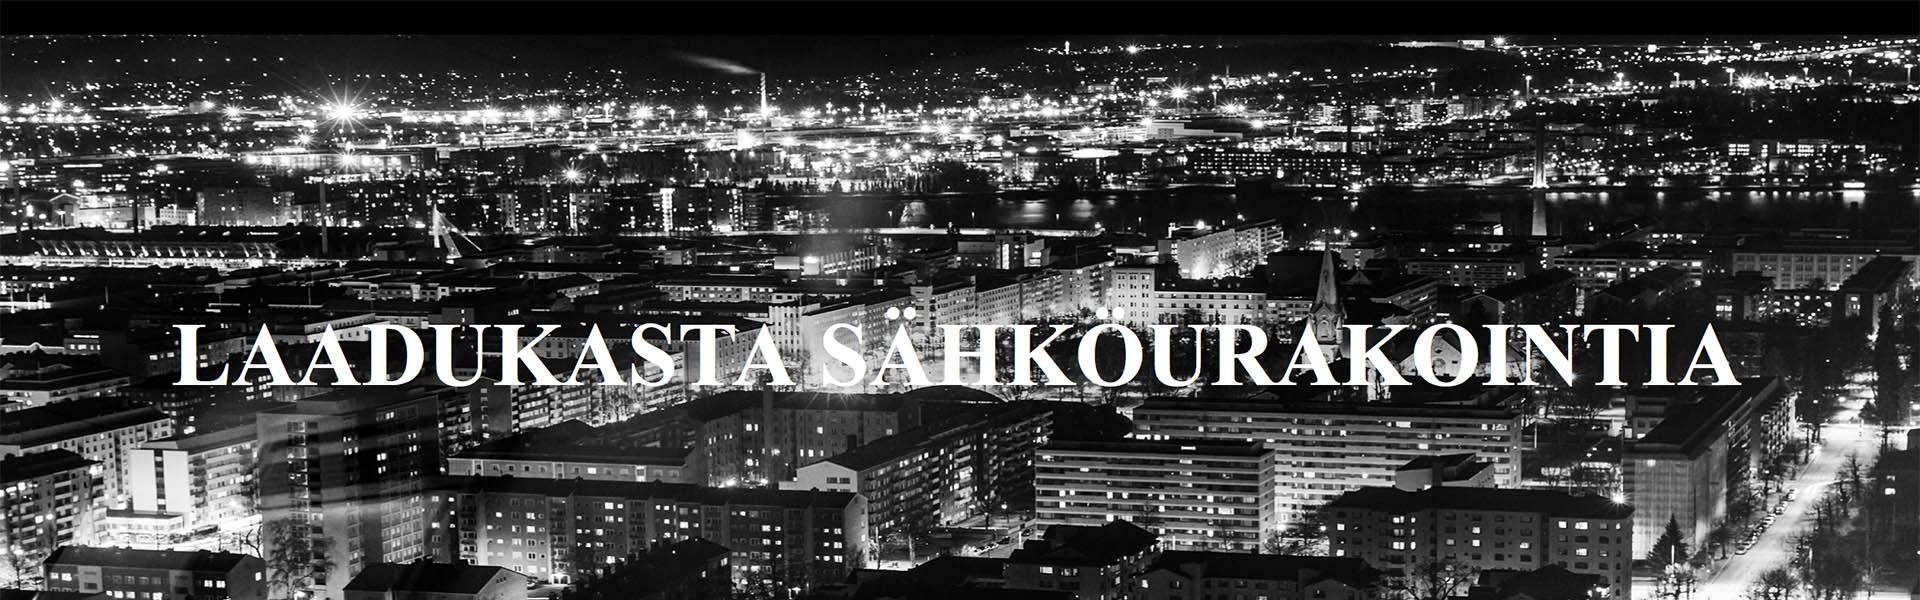 Laadukasta sähköurakointia Tampereella